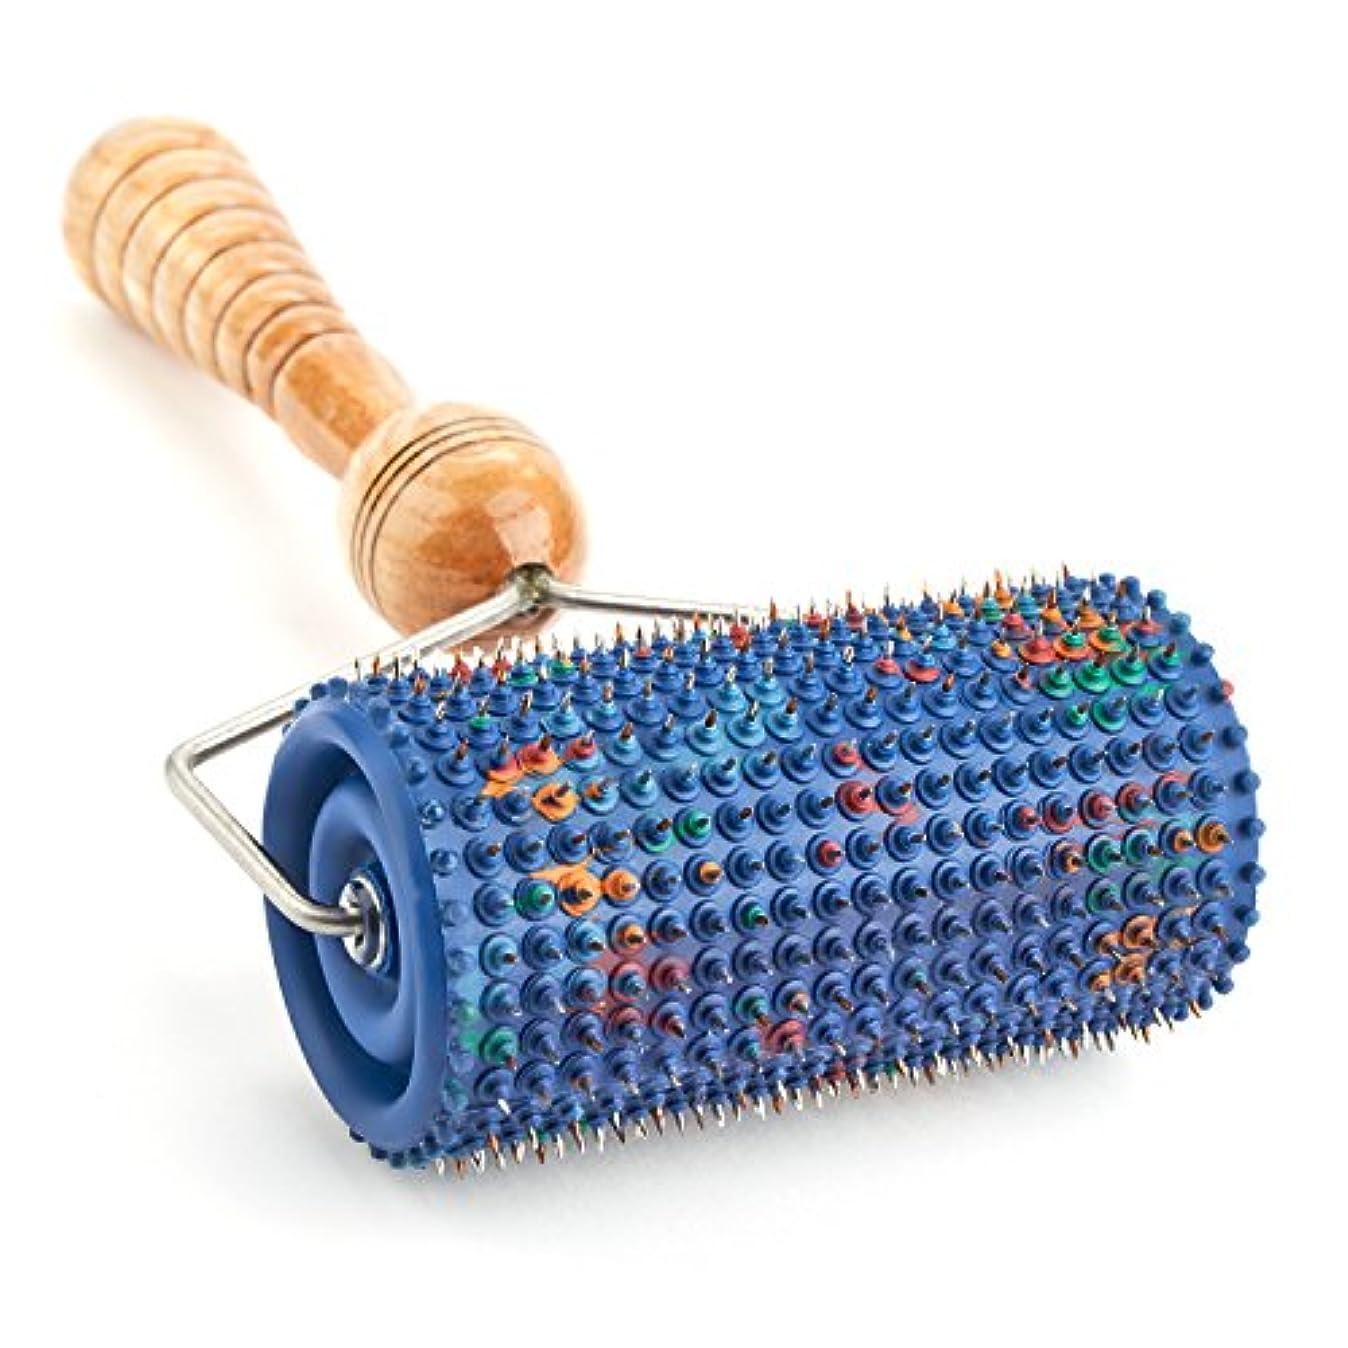 オン安定しましたうめきLYAPKOビッグローラーマッサージャー5.0 シルバーコーティング 指圧570針使用。体の広範囲のマッサージ用。ユニークなアプリケーター治療 セルフ ダイナミック マッサージ ツール Big Roller Massager...